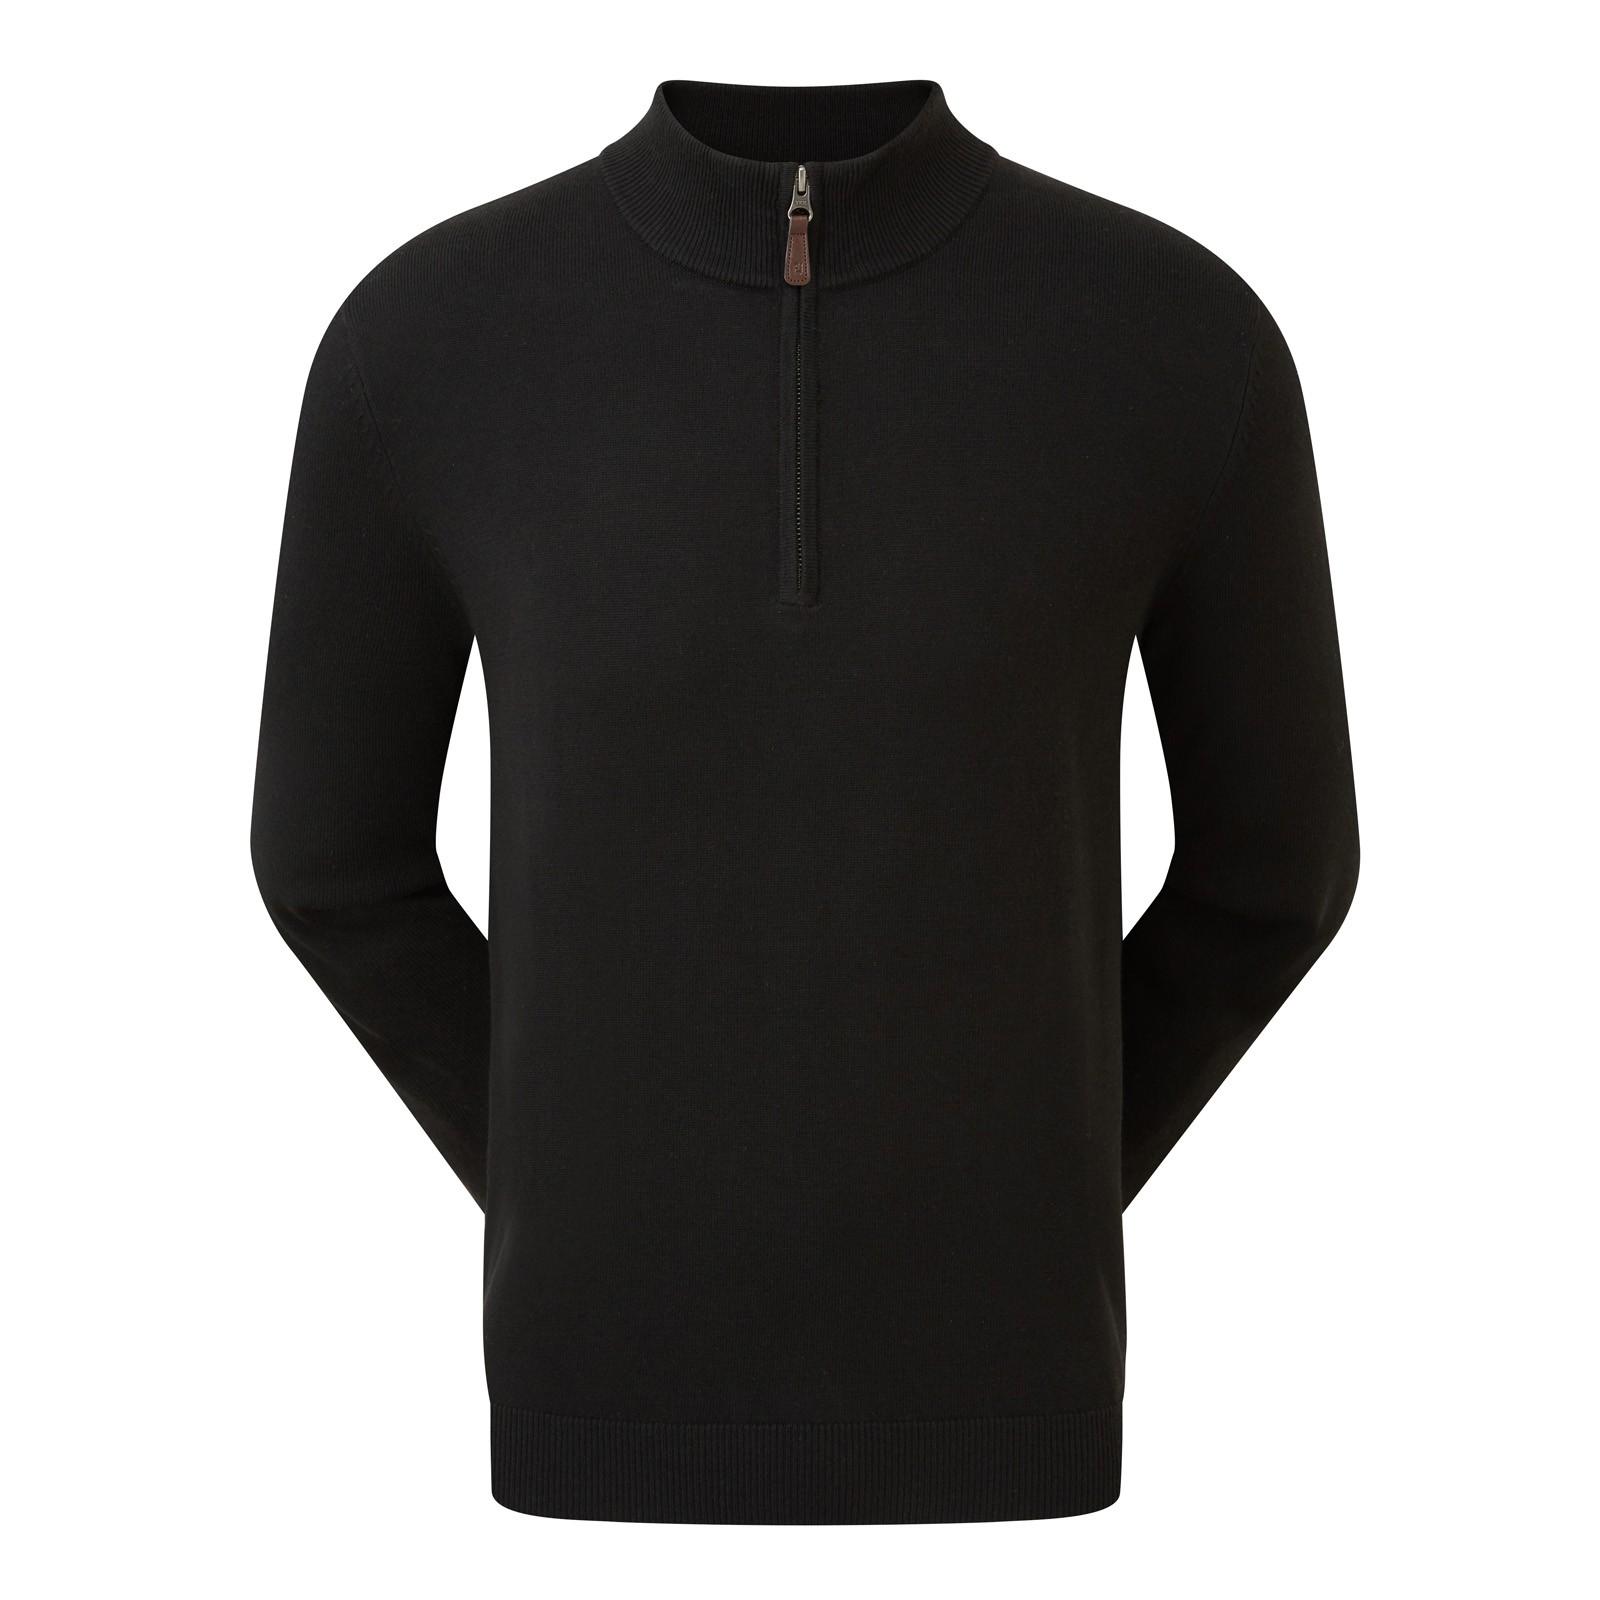 Footjoy Wool Blend Half Zip Pullovers